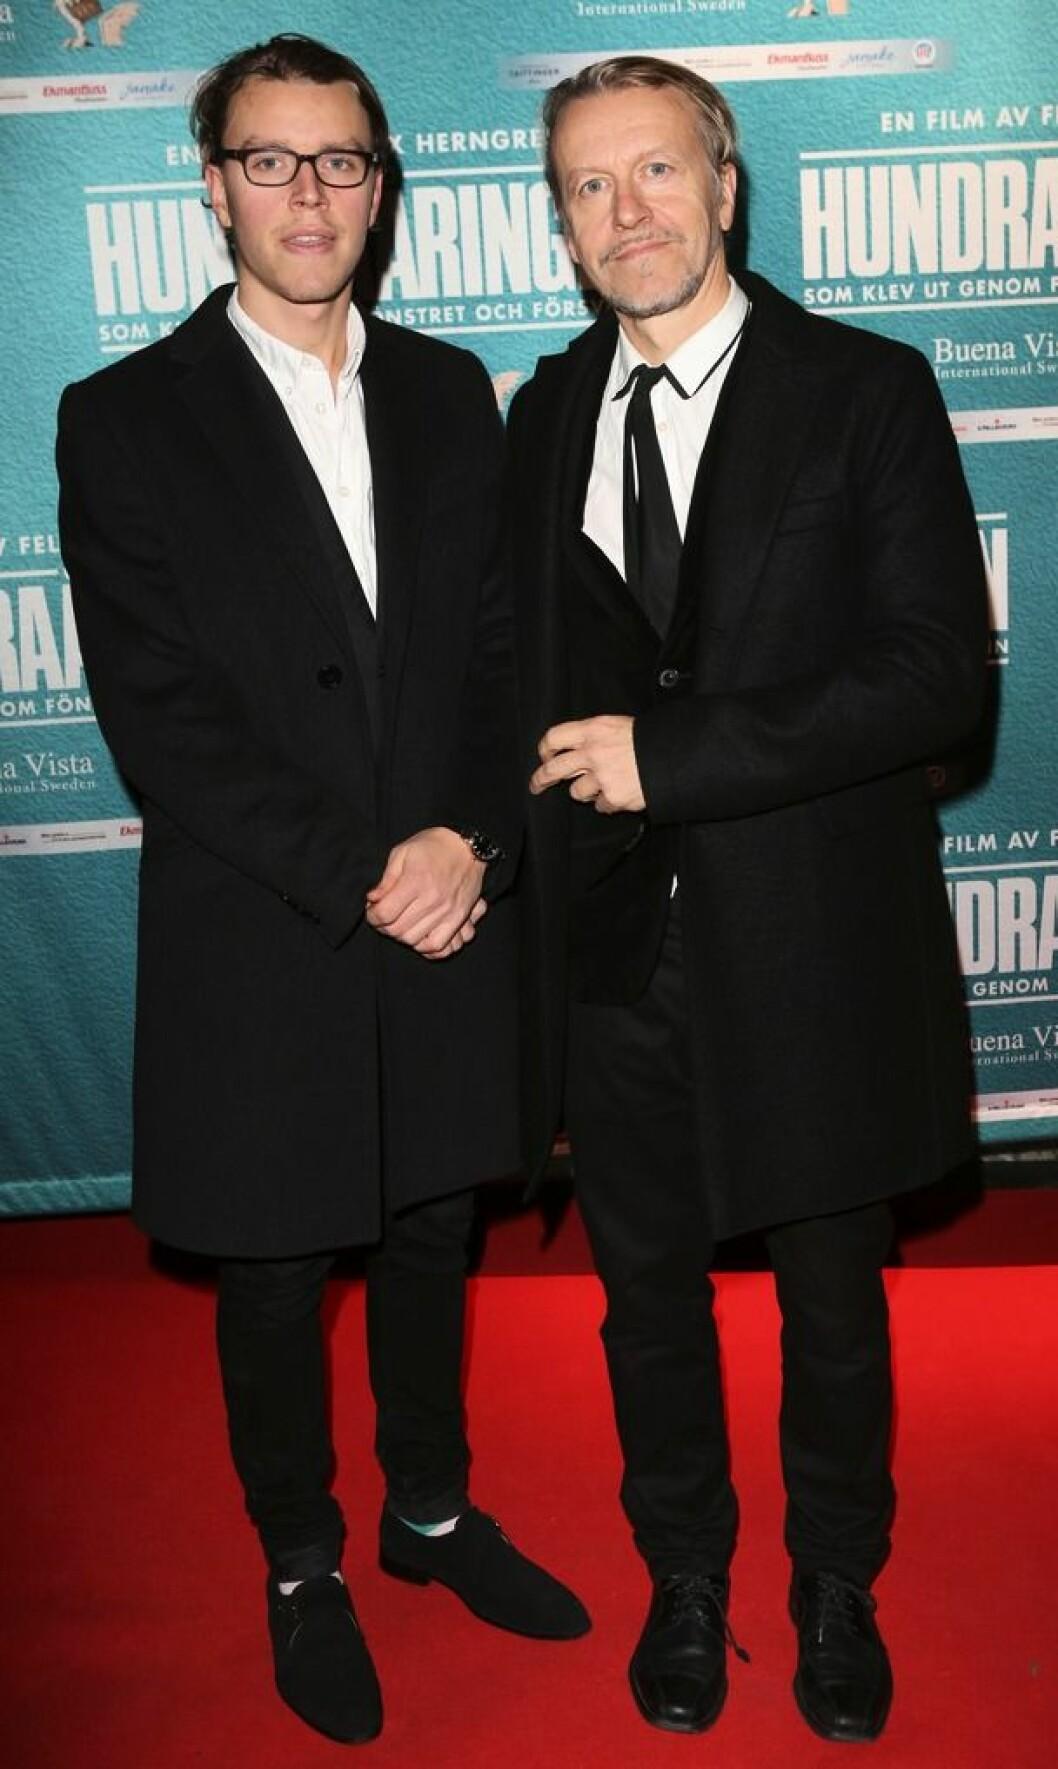 Sigge Billgren med pappa Ernst Billgren på röda mattan